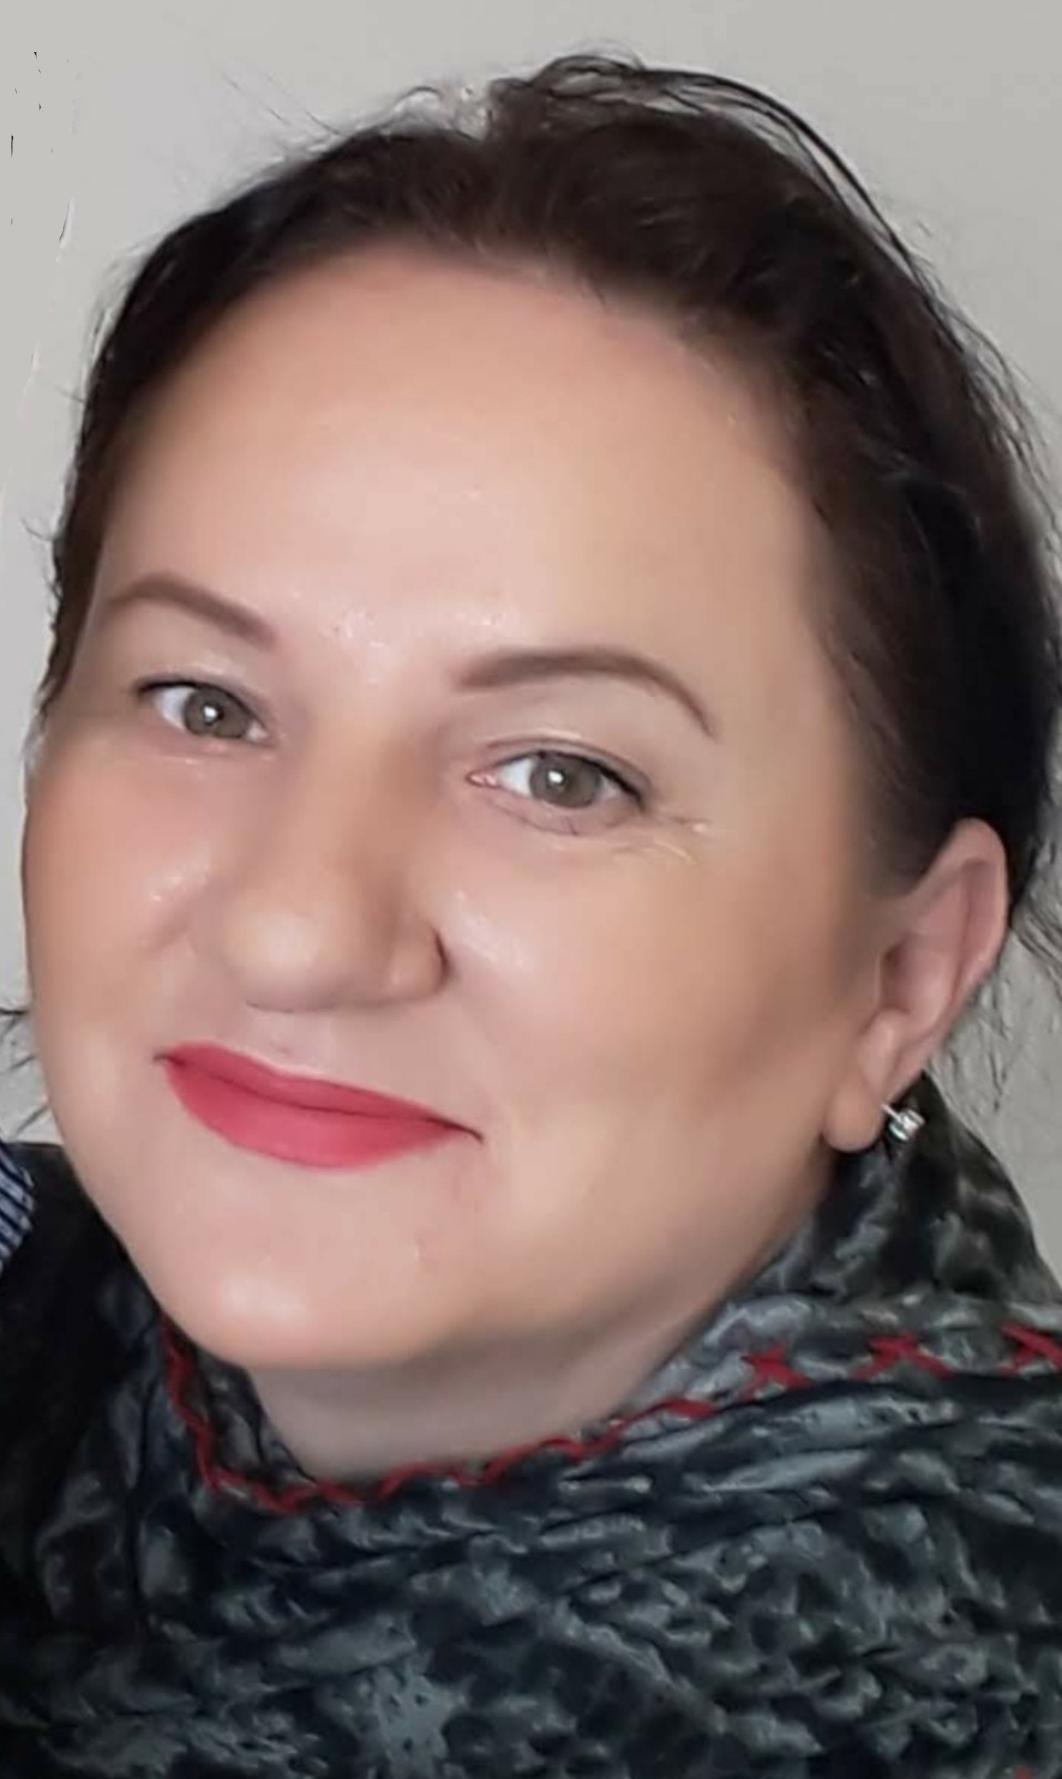 Le interviste di Marta Lock: Marijana Vukovic, l'arte come cura ed evasione verso luoghi lontani